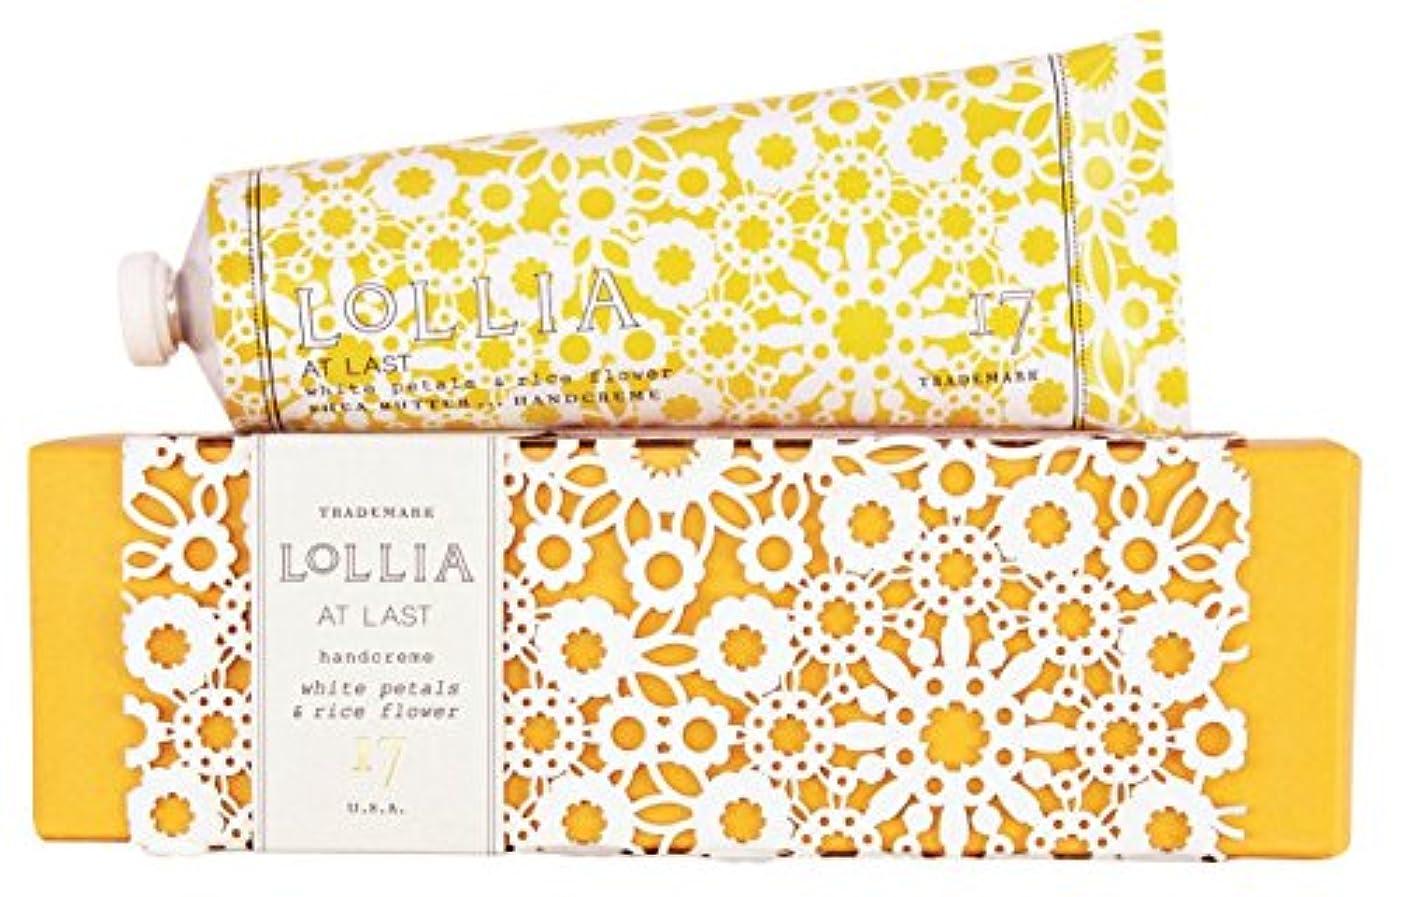 通行人十分です息苦しいロリア(LoLLIA) ミニハンドクリーム AtLast 9.3g(手肌用保湿クリーム ライスフラワー、マグノリアとミモザの柔らかな花々の香り))